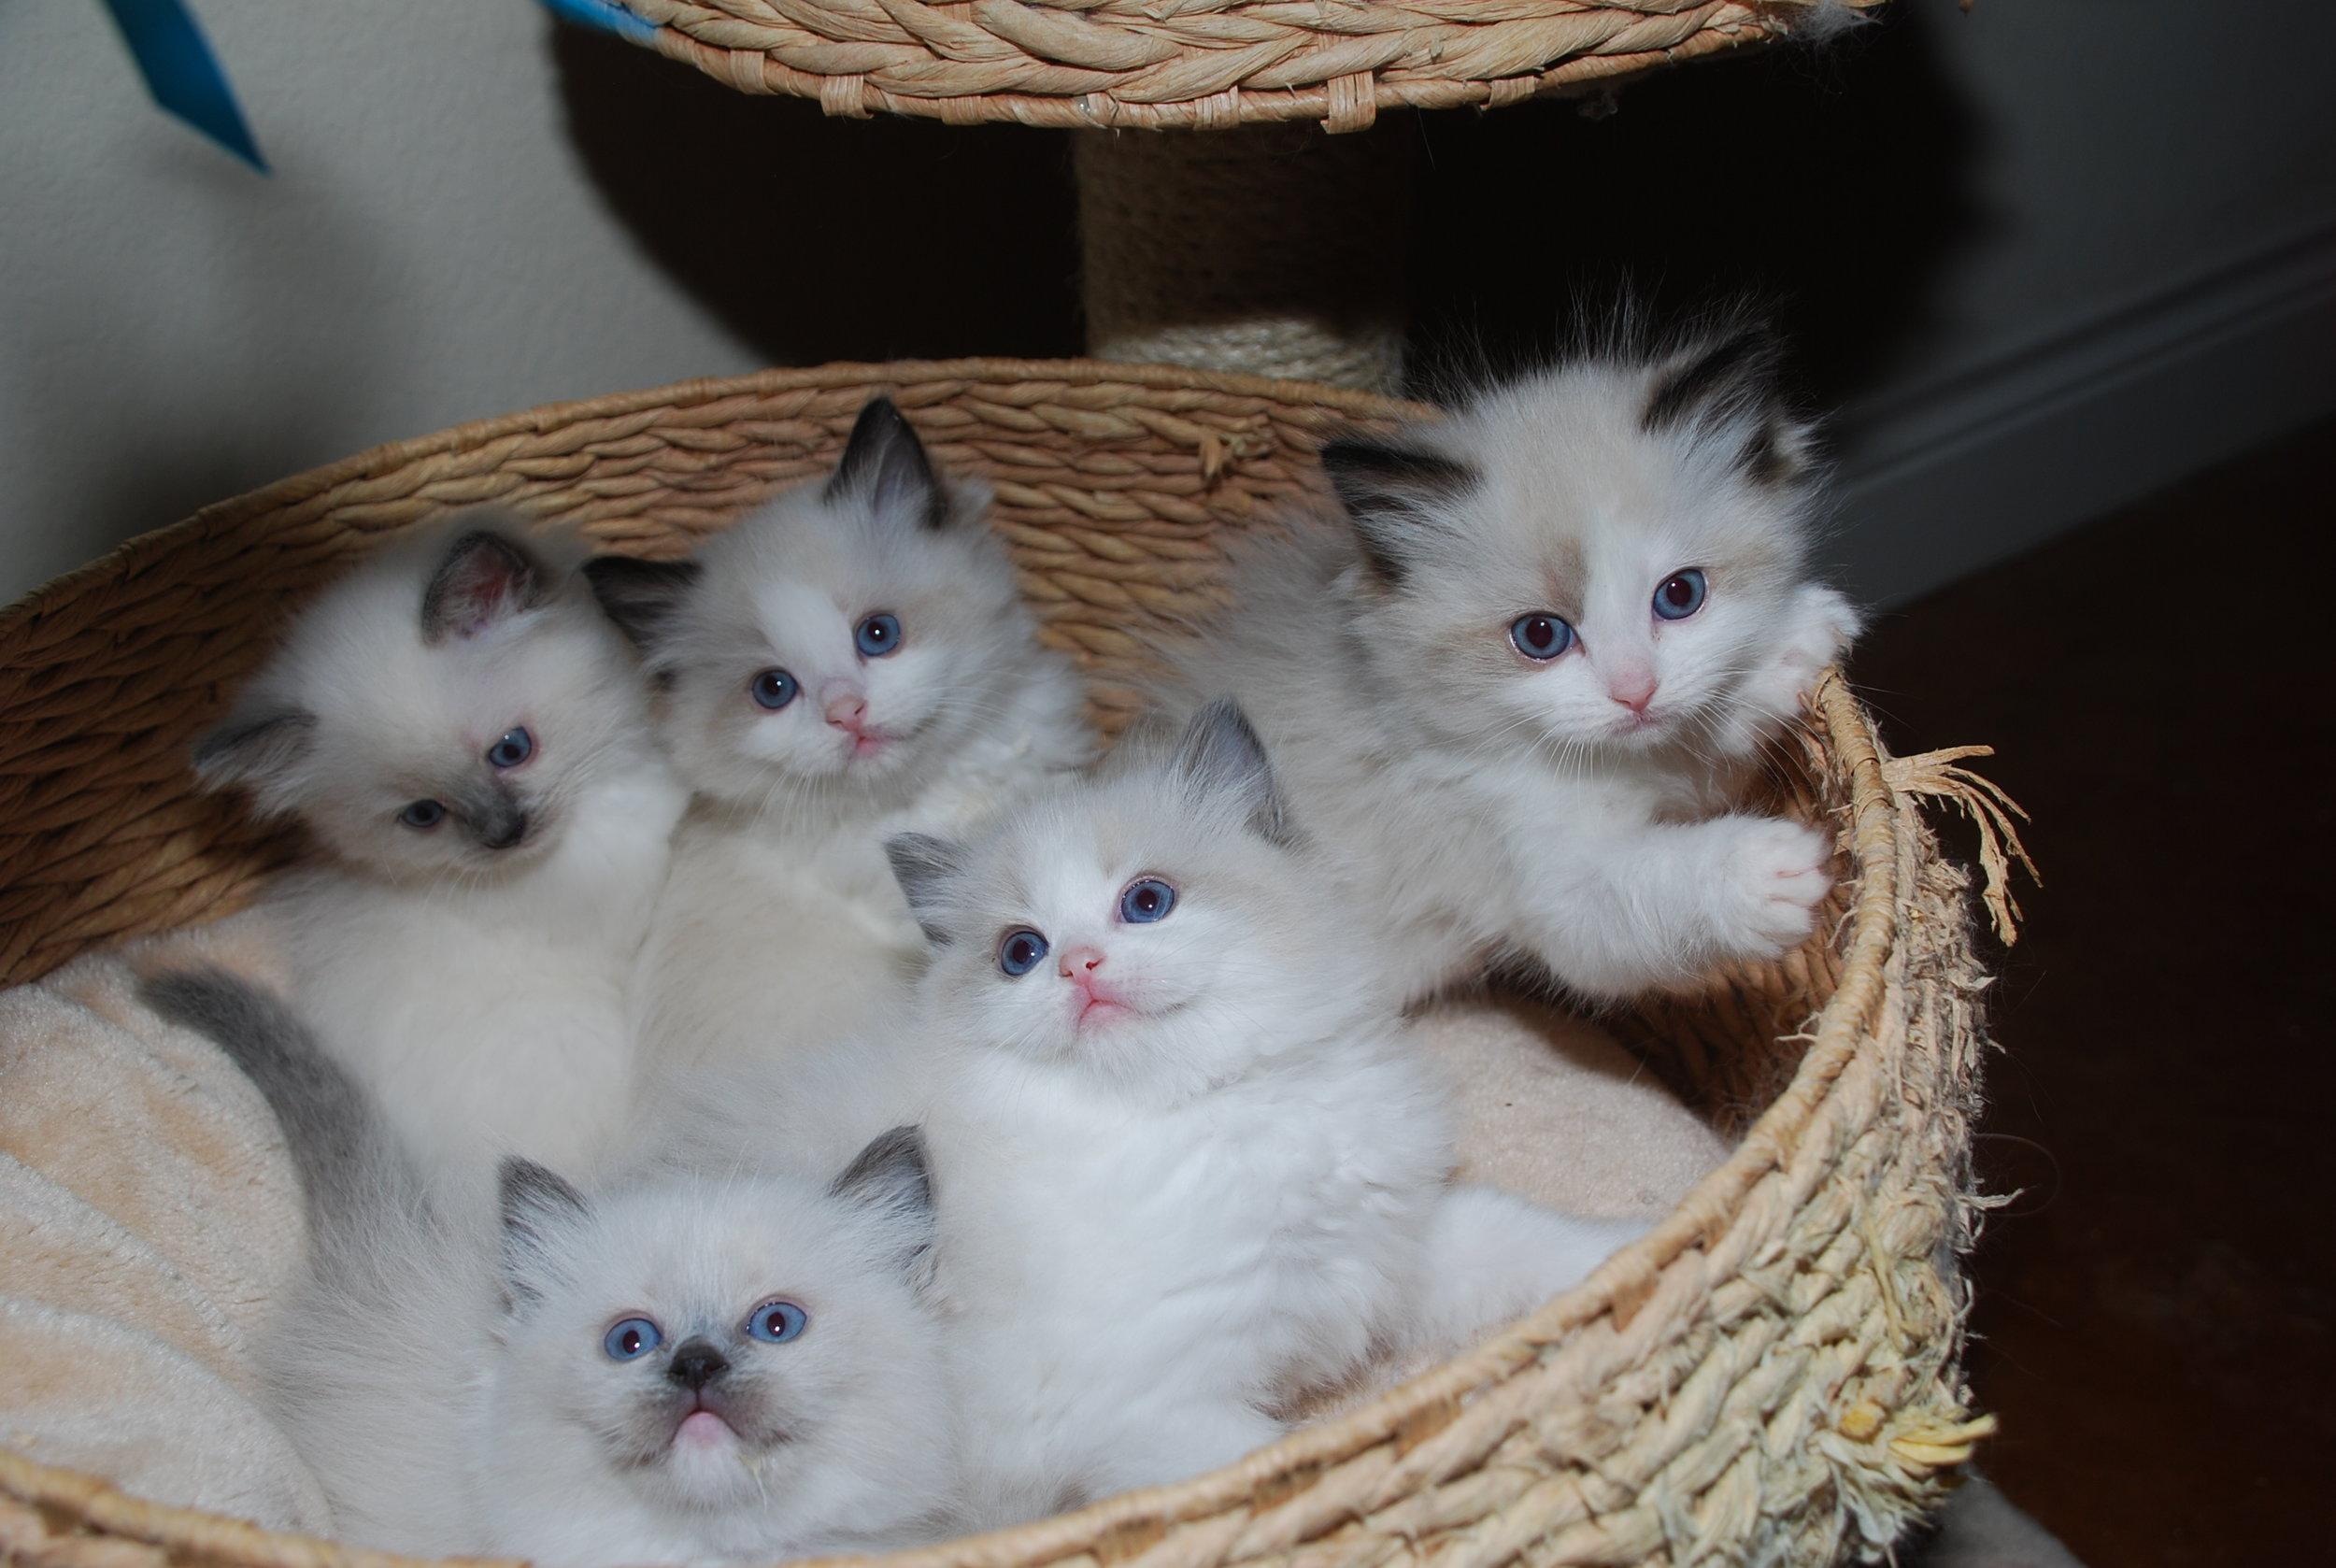 Valentine and Lorenzo's kittens. Born 05/05/2018.